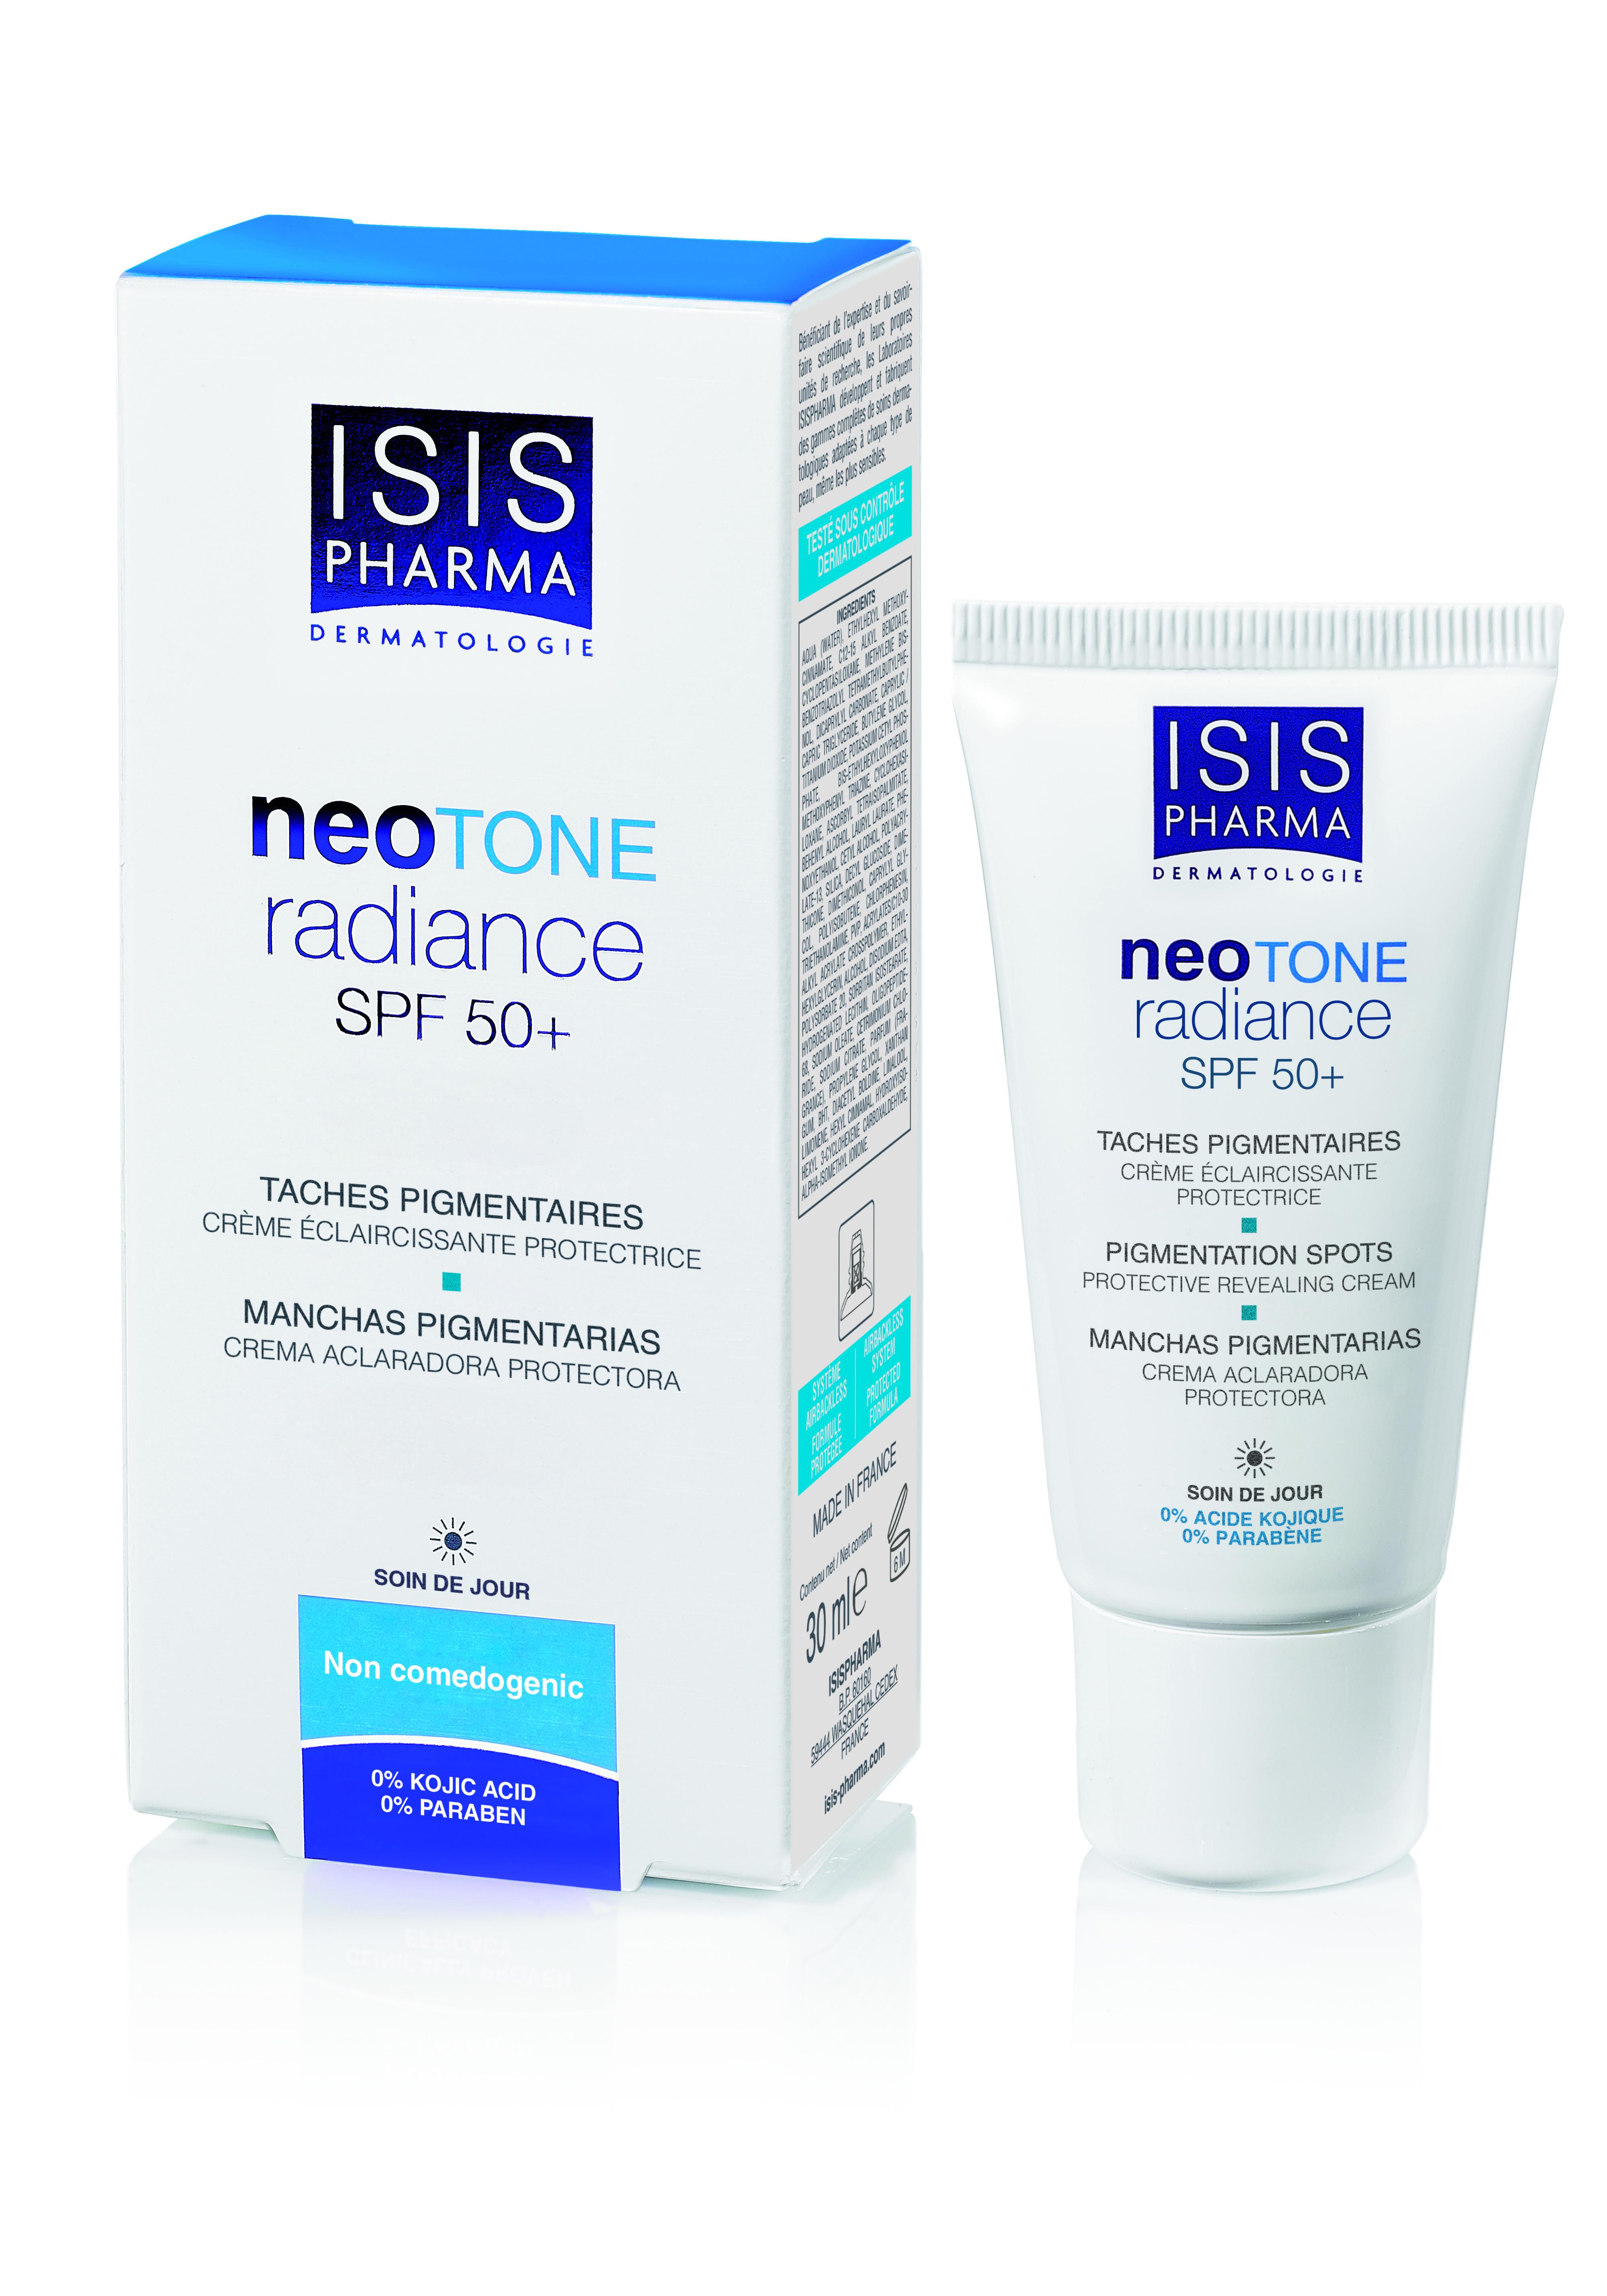 ნეოტონი მზის დამცავი კრემი / Neotone prevent SPF 50